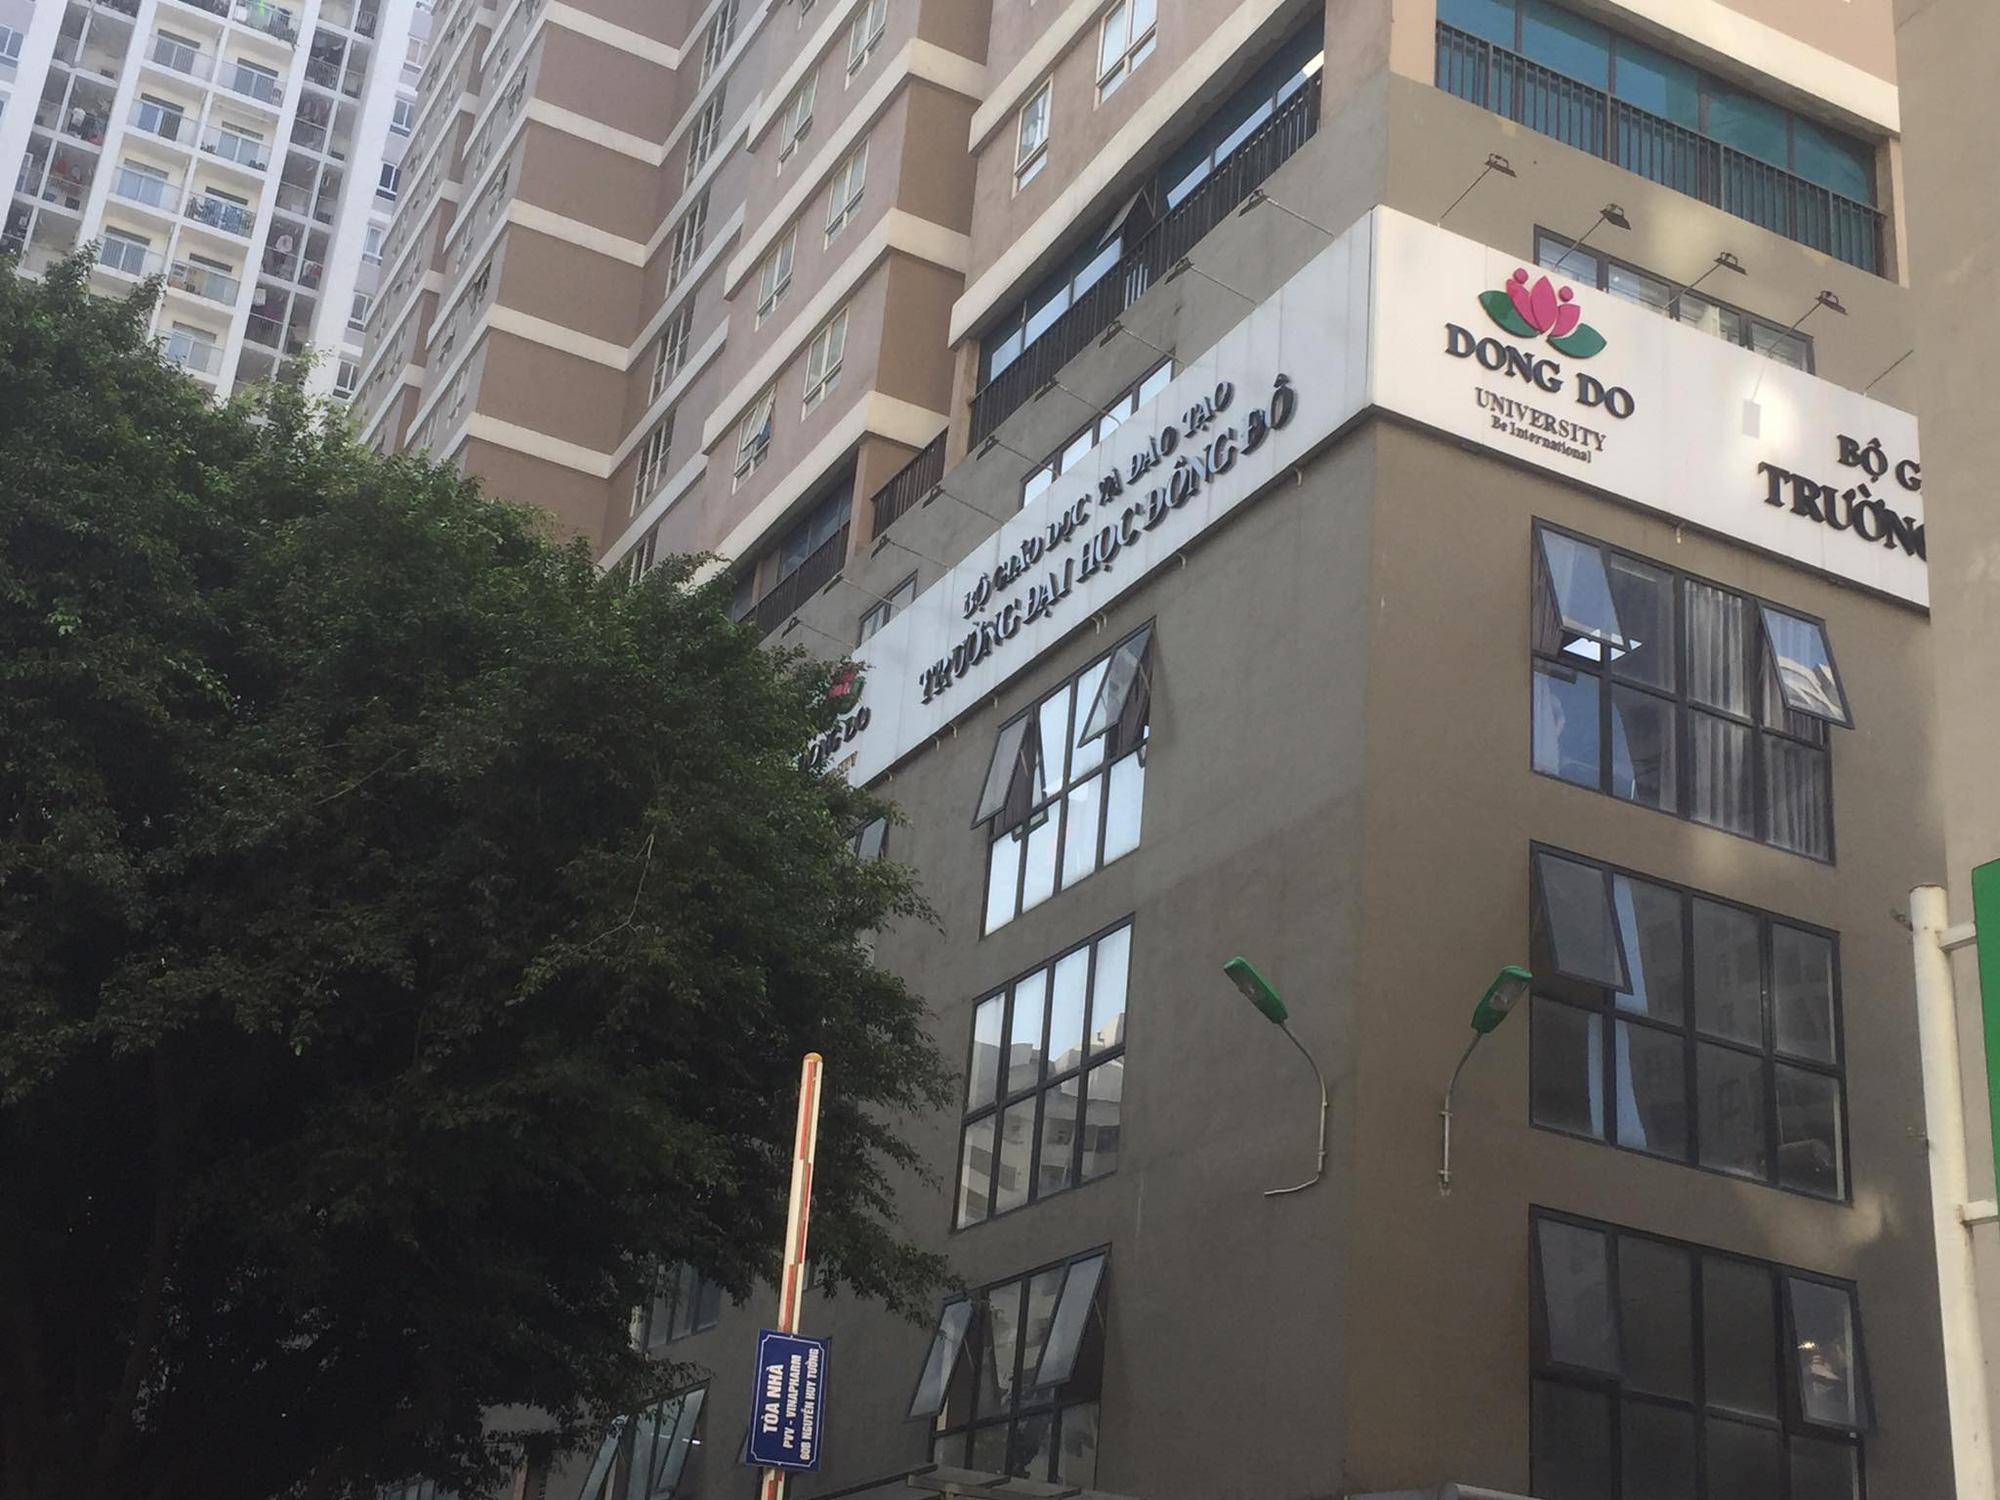 Trường Đại học Đông Đô có liên hệ được với 55 người sử dụng bằng giả? - Ảnh 1.